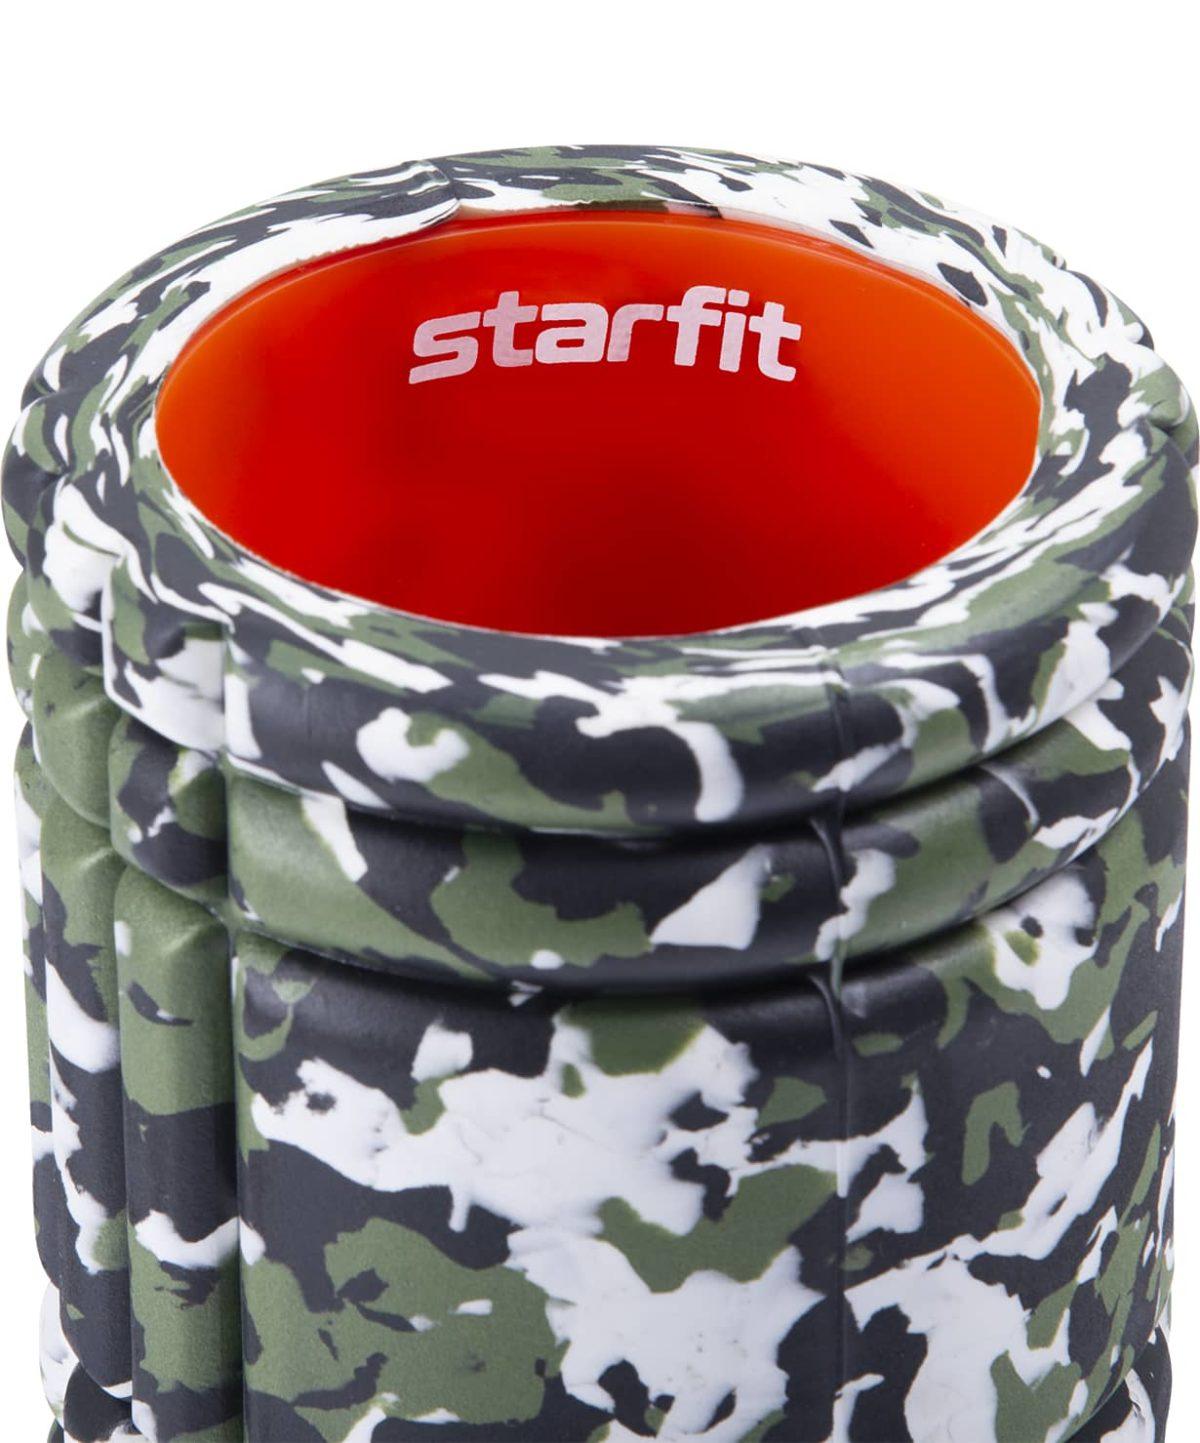 STARFIT Ролик массажный FA-508: зеленый камуфляж/оранжевый - 3